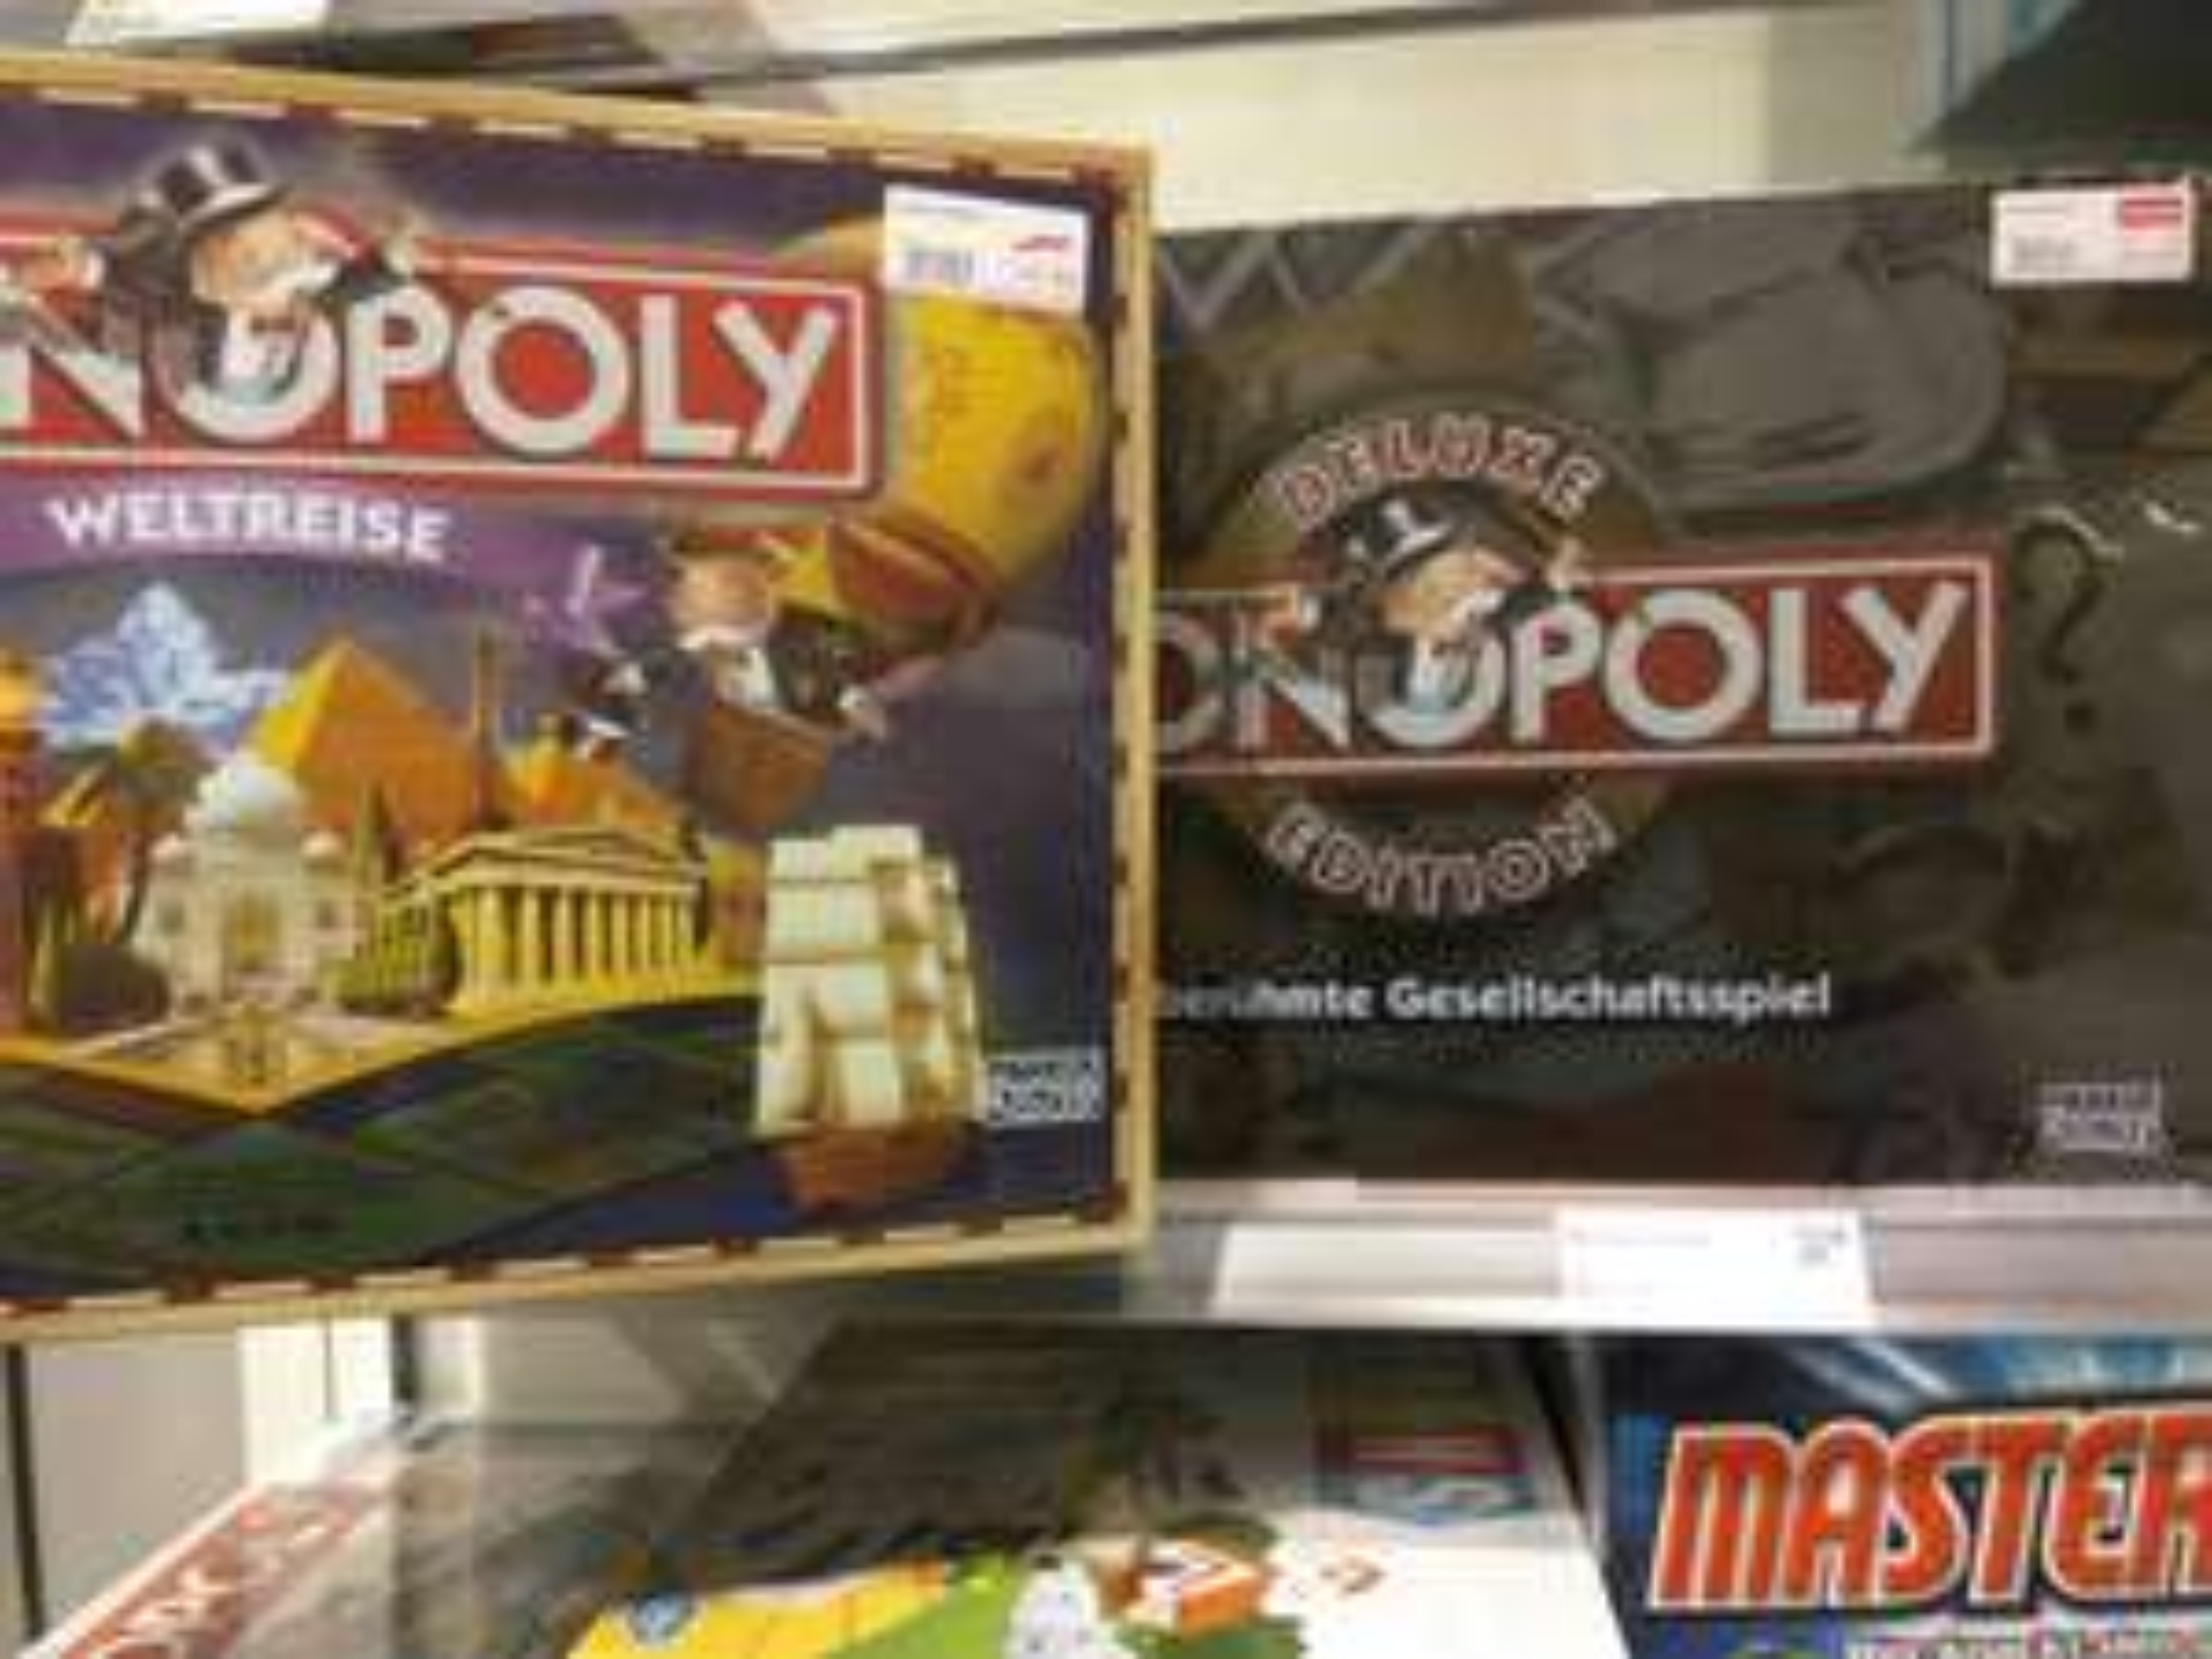 [Deutschlandweit - Online & Offline] Galeria Kaufhof - Monopoly Weltreise / Deluxe Edition